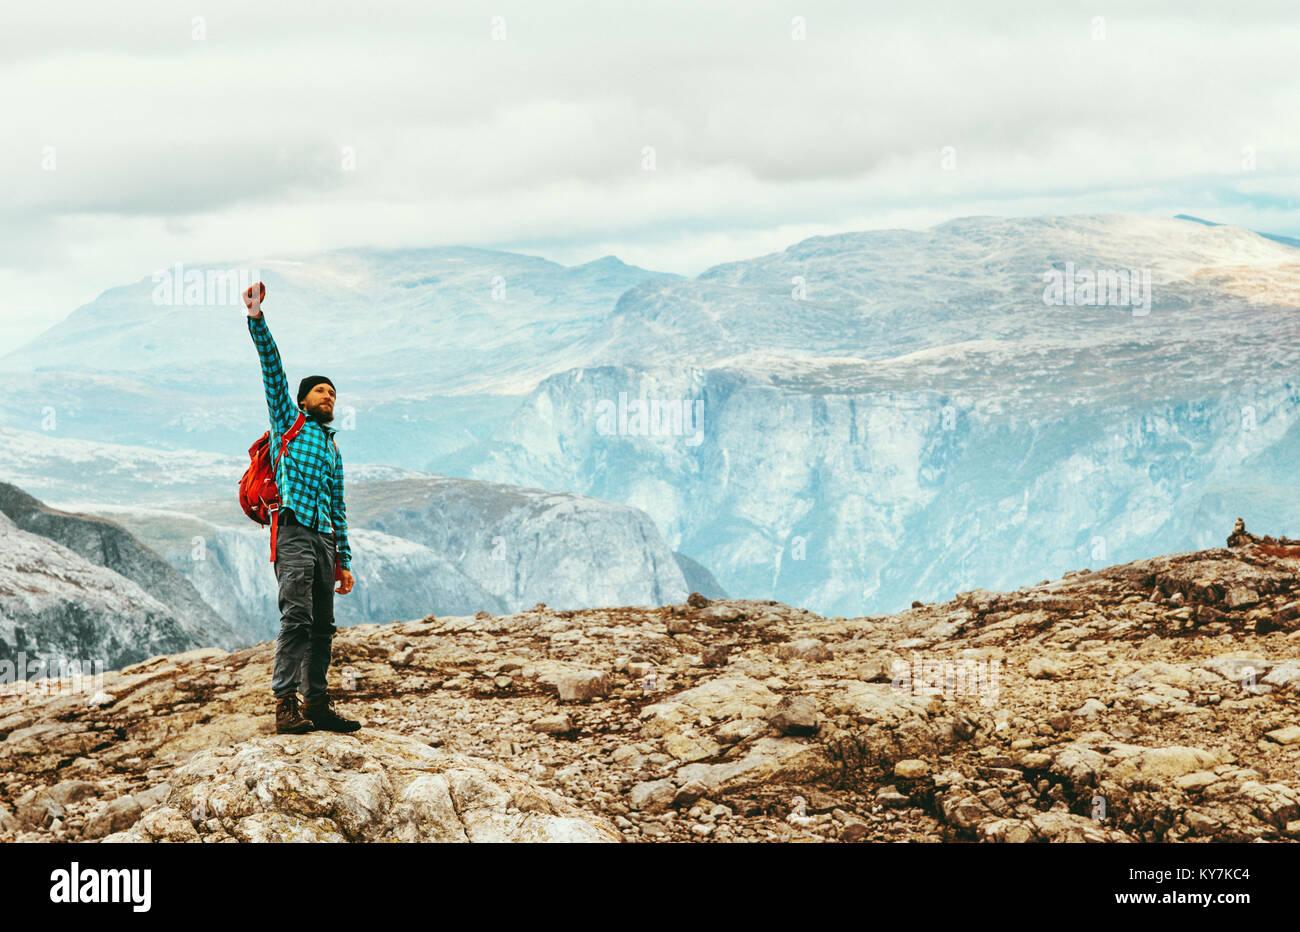 Man emotionale glücklich erhobenen Hand Reisen Lifestyle Konzept Abenteuer Urlaub Outdoor Erfolg und Motivation Stockbild